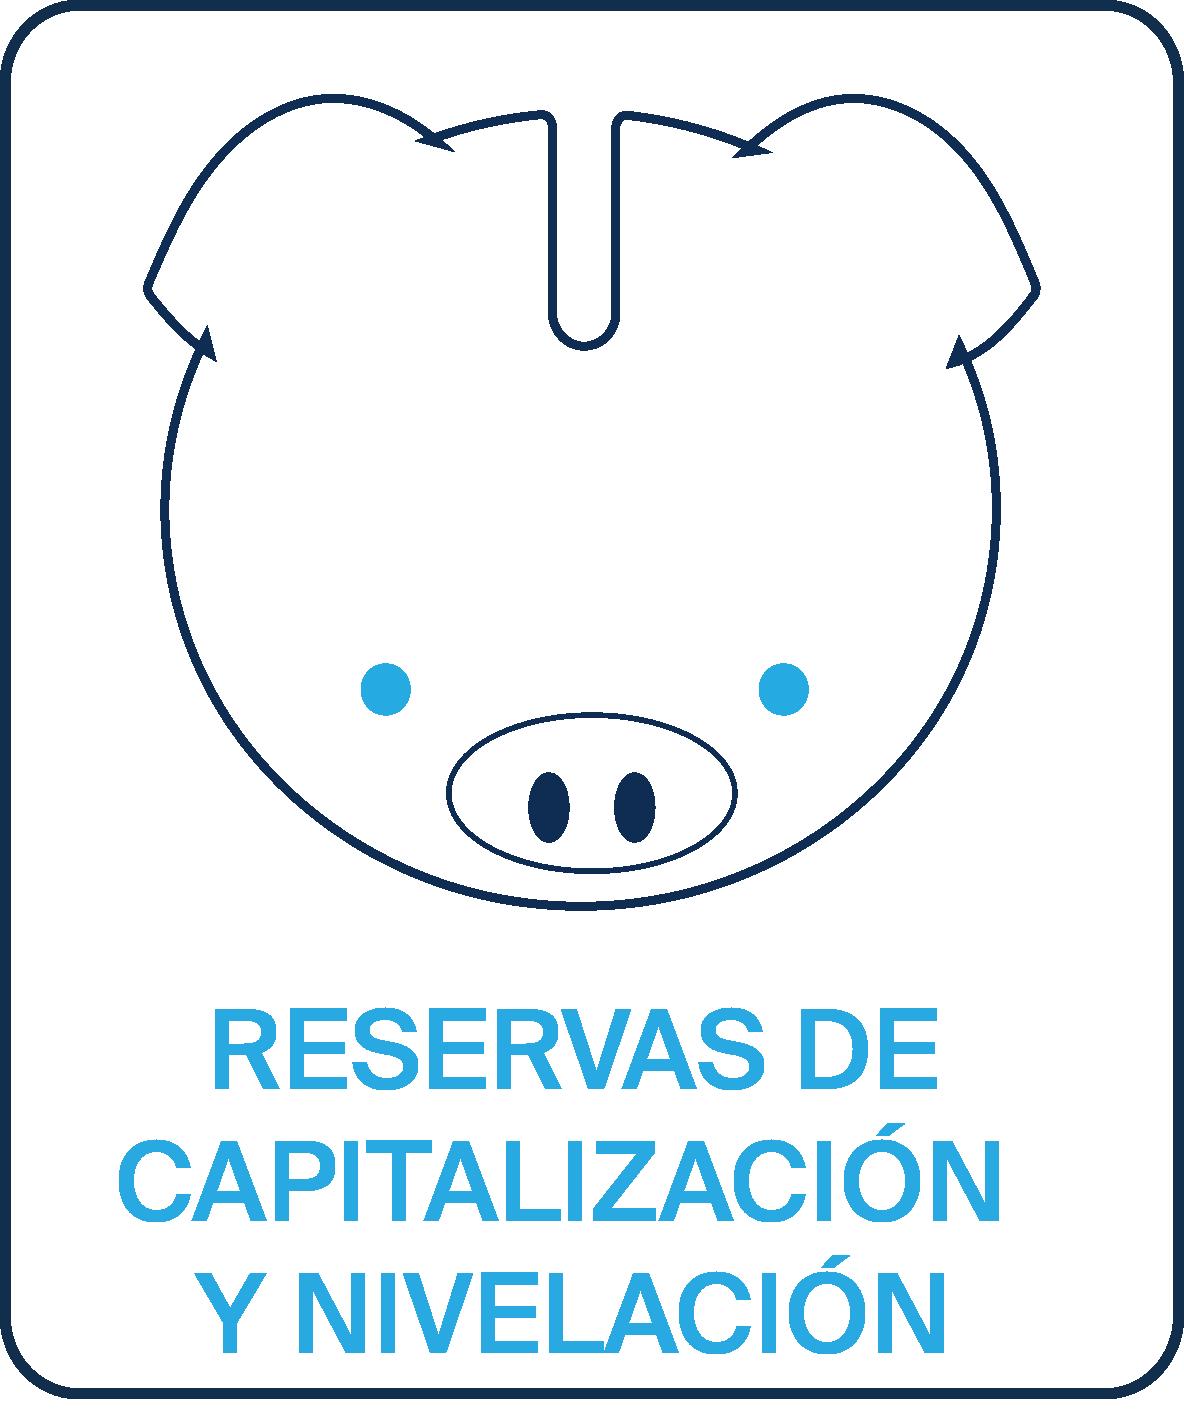 Reservas de capitalización y nivelación